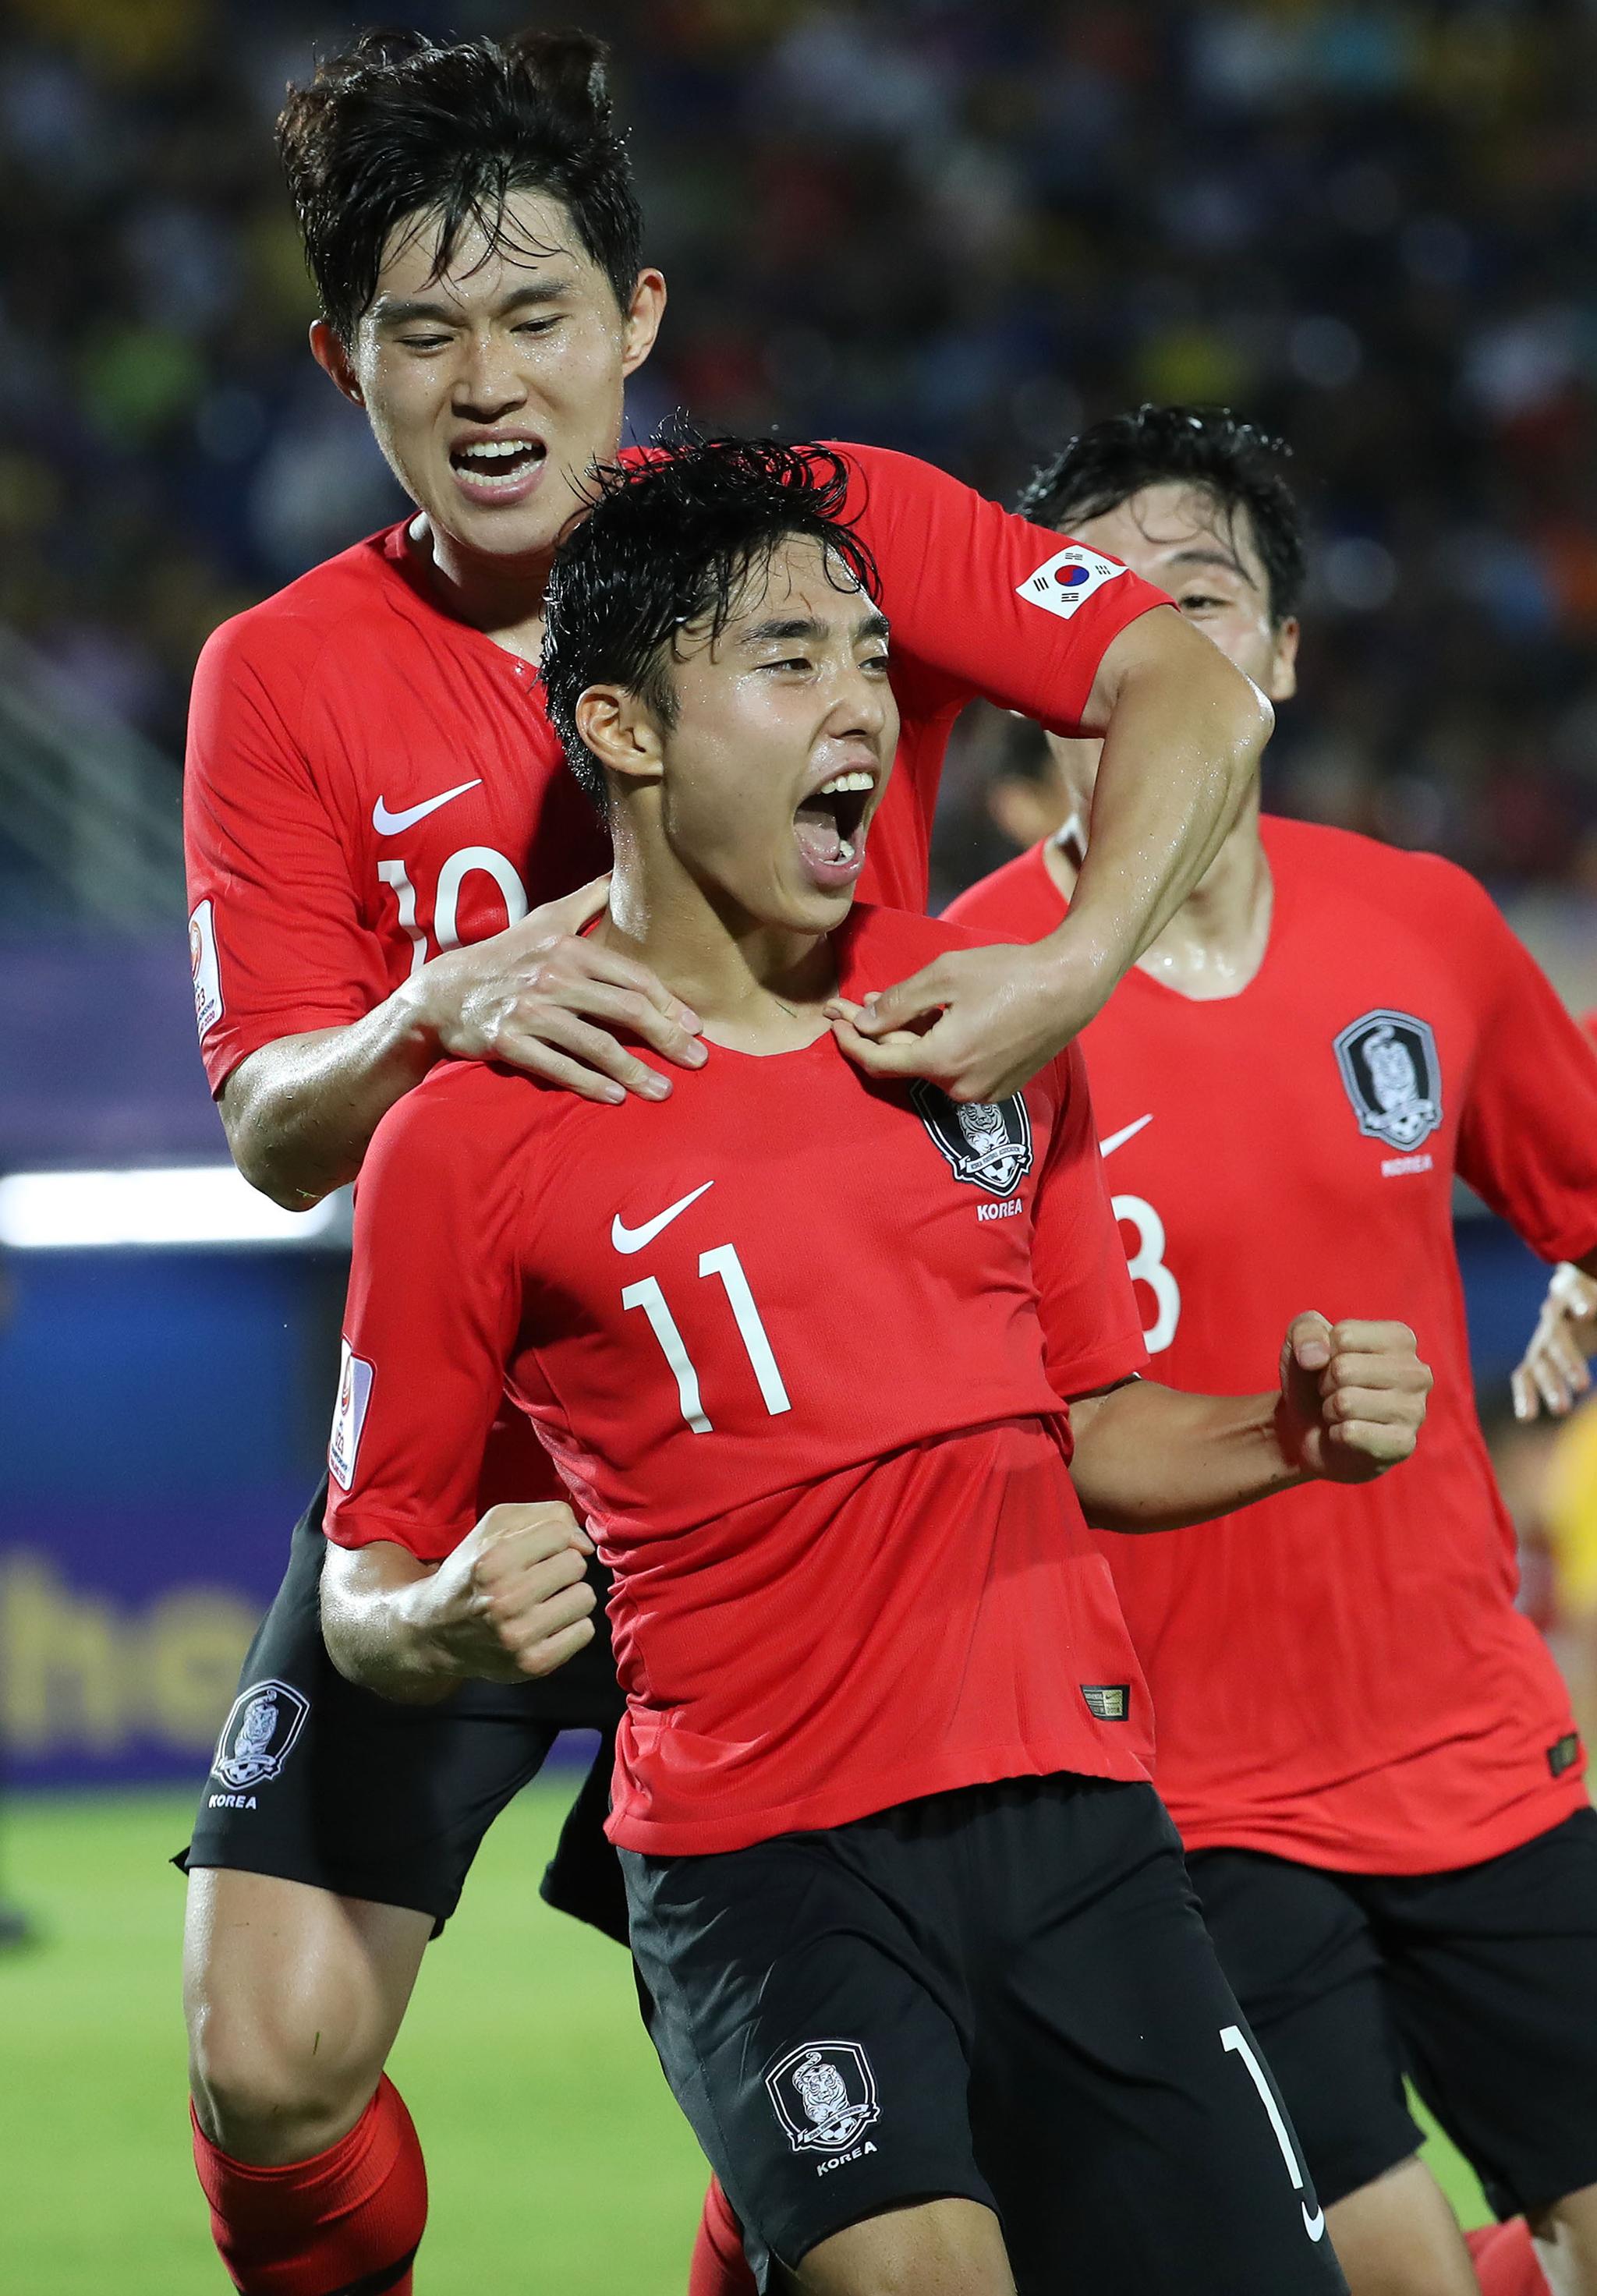 9일 태국 송클라 틴술라논 스타디움에서 열린 아시아 U-23 챔피언십 중국과 조별리그 1차전에서 이동준이 후반 추가 시간에 골을 넣은 뒤 환호하고 있다. [연합뉴스]